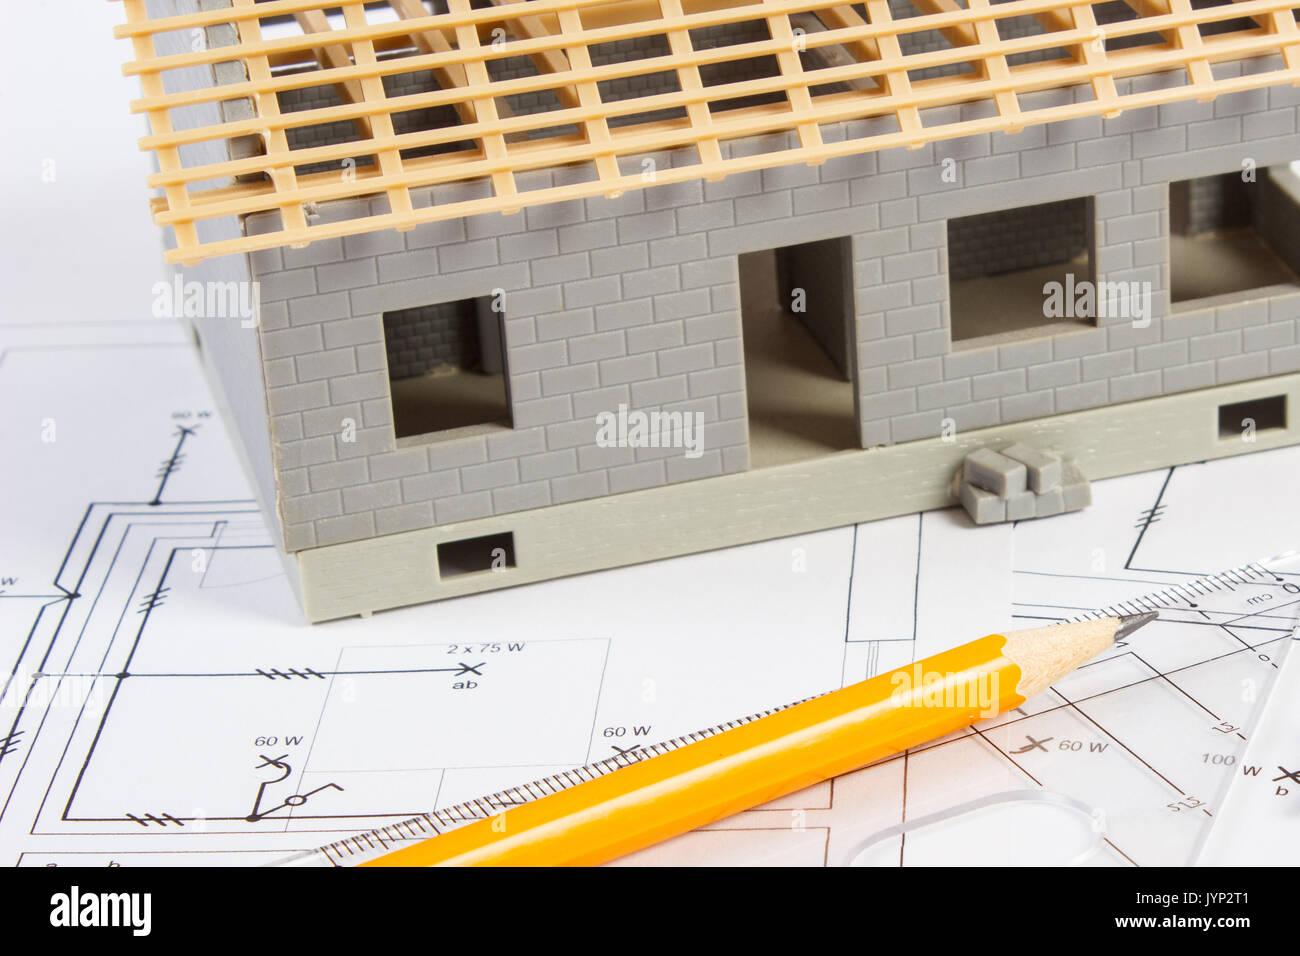 Schemi Elettrici Casa : Piccola casa in costruzione e accessori per il disegno di schemi